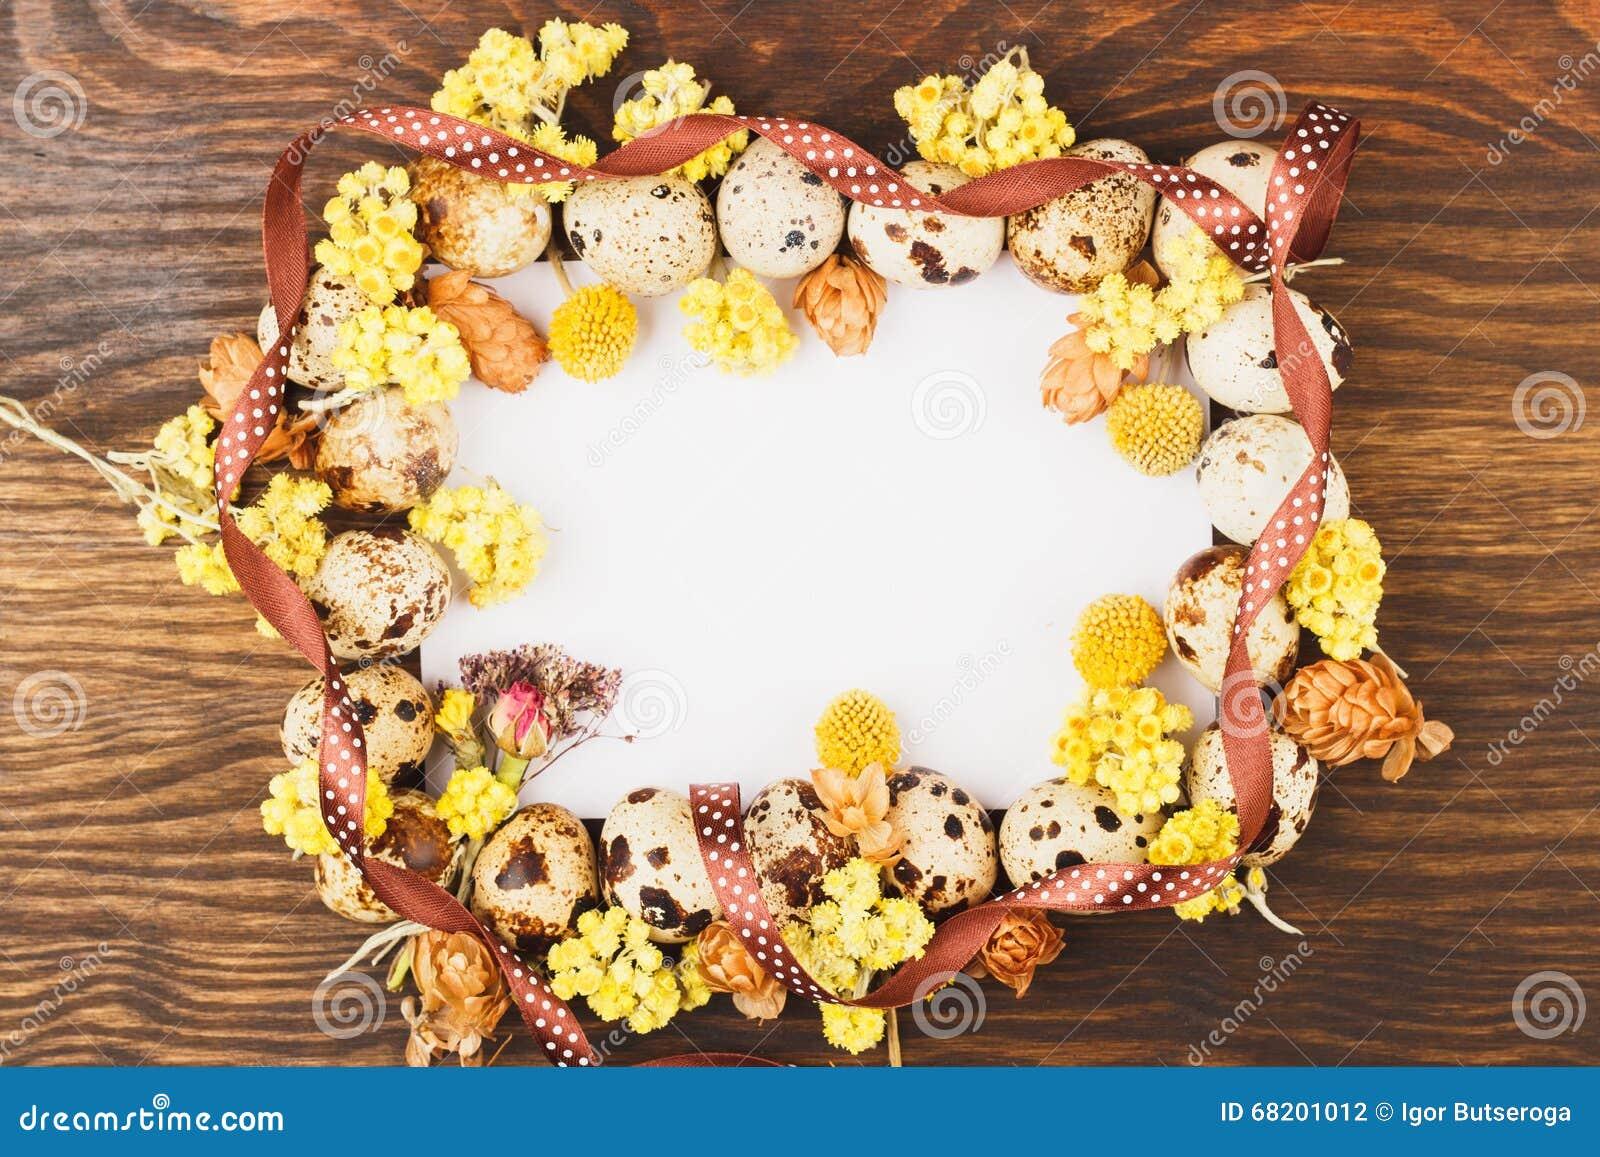 从鹌鹑蛋和装饰的框架